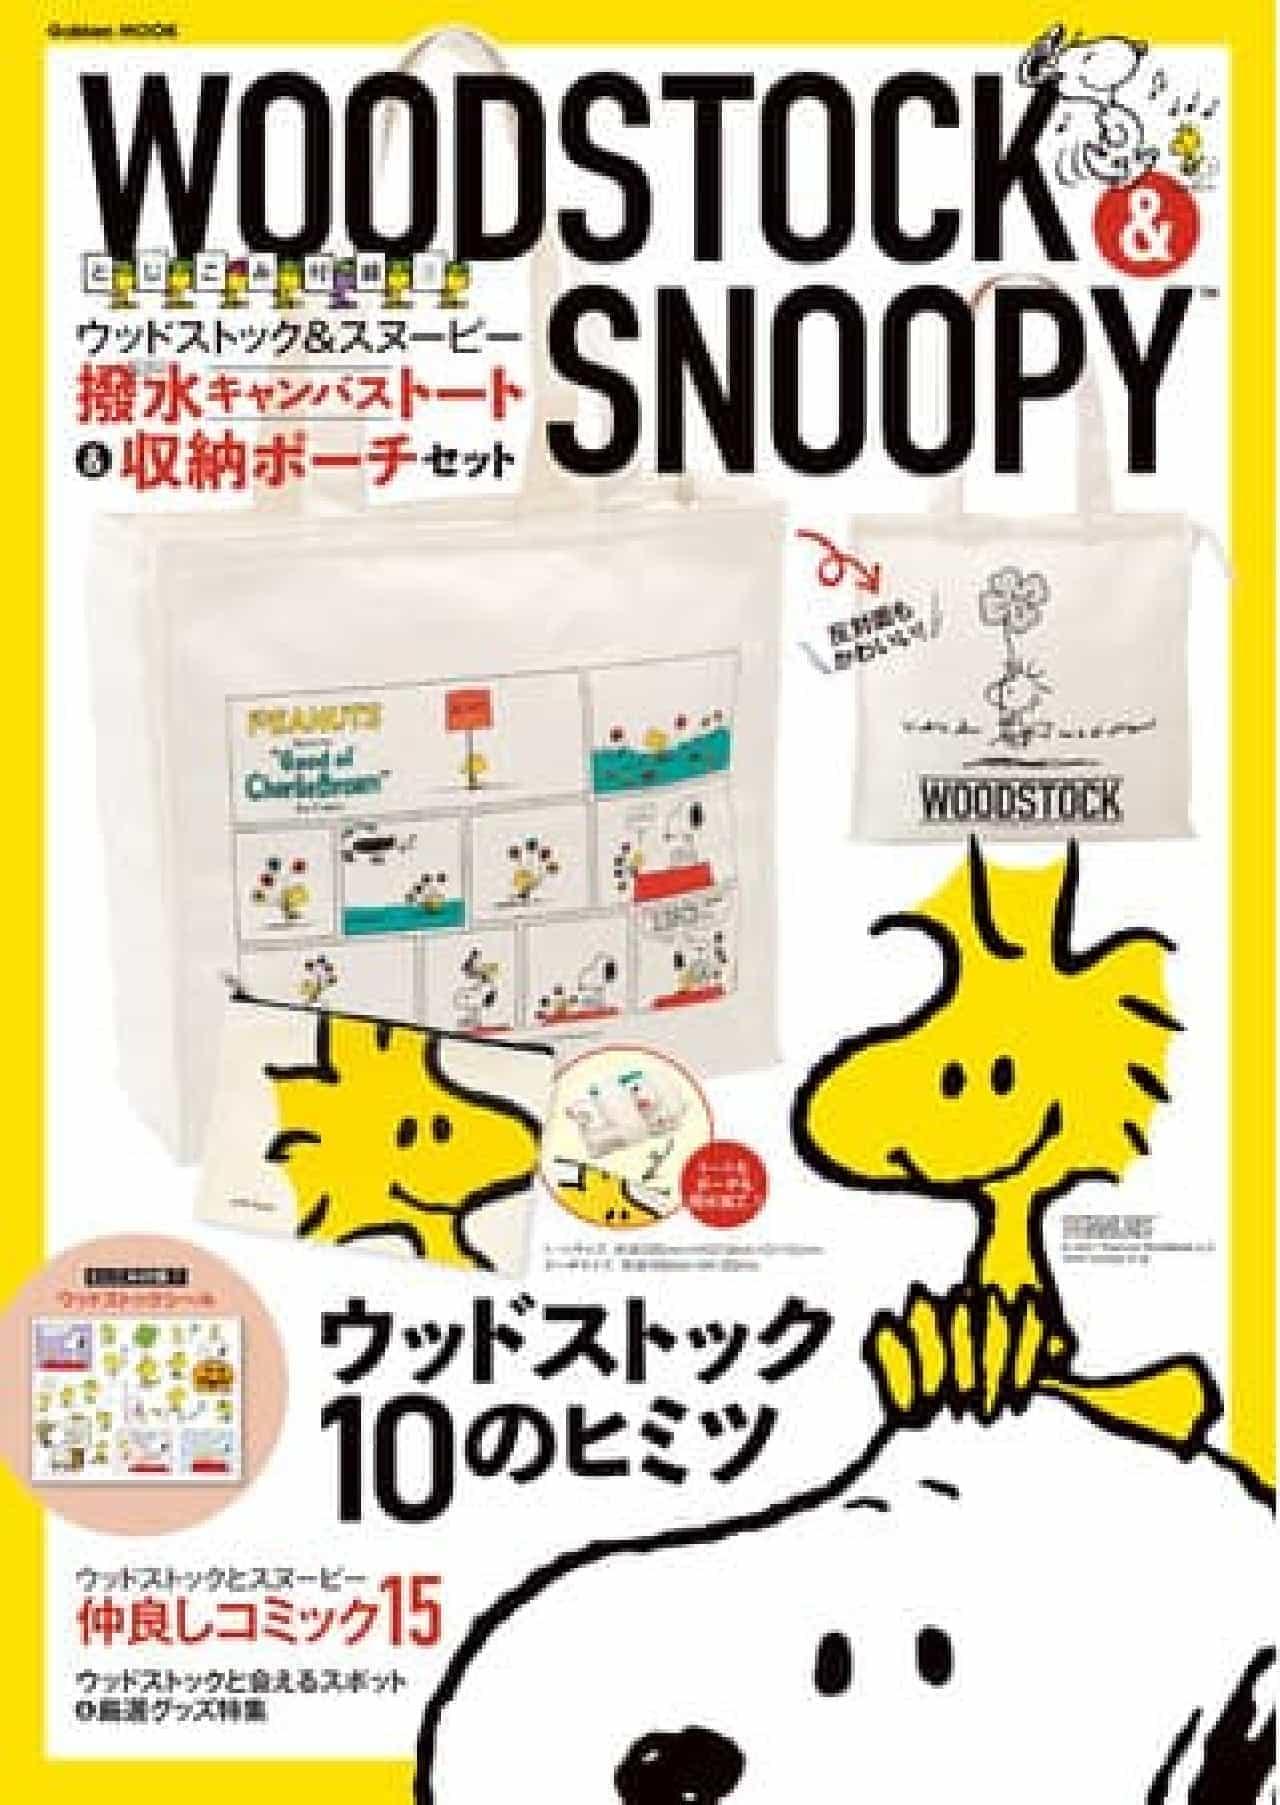 スヌーピーの大親友「ウッドストック」柄トート付き!完全保存版ムック「WOODSTOCK & SNOOPY」